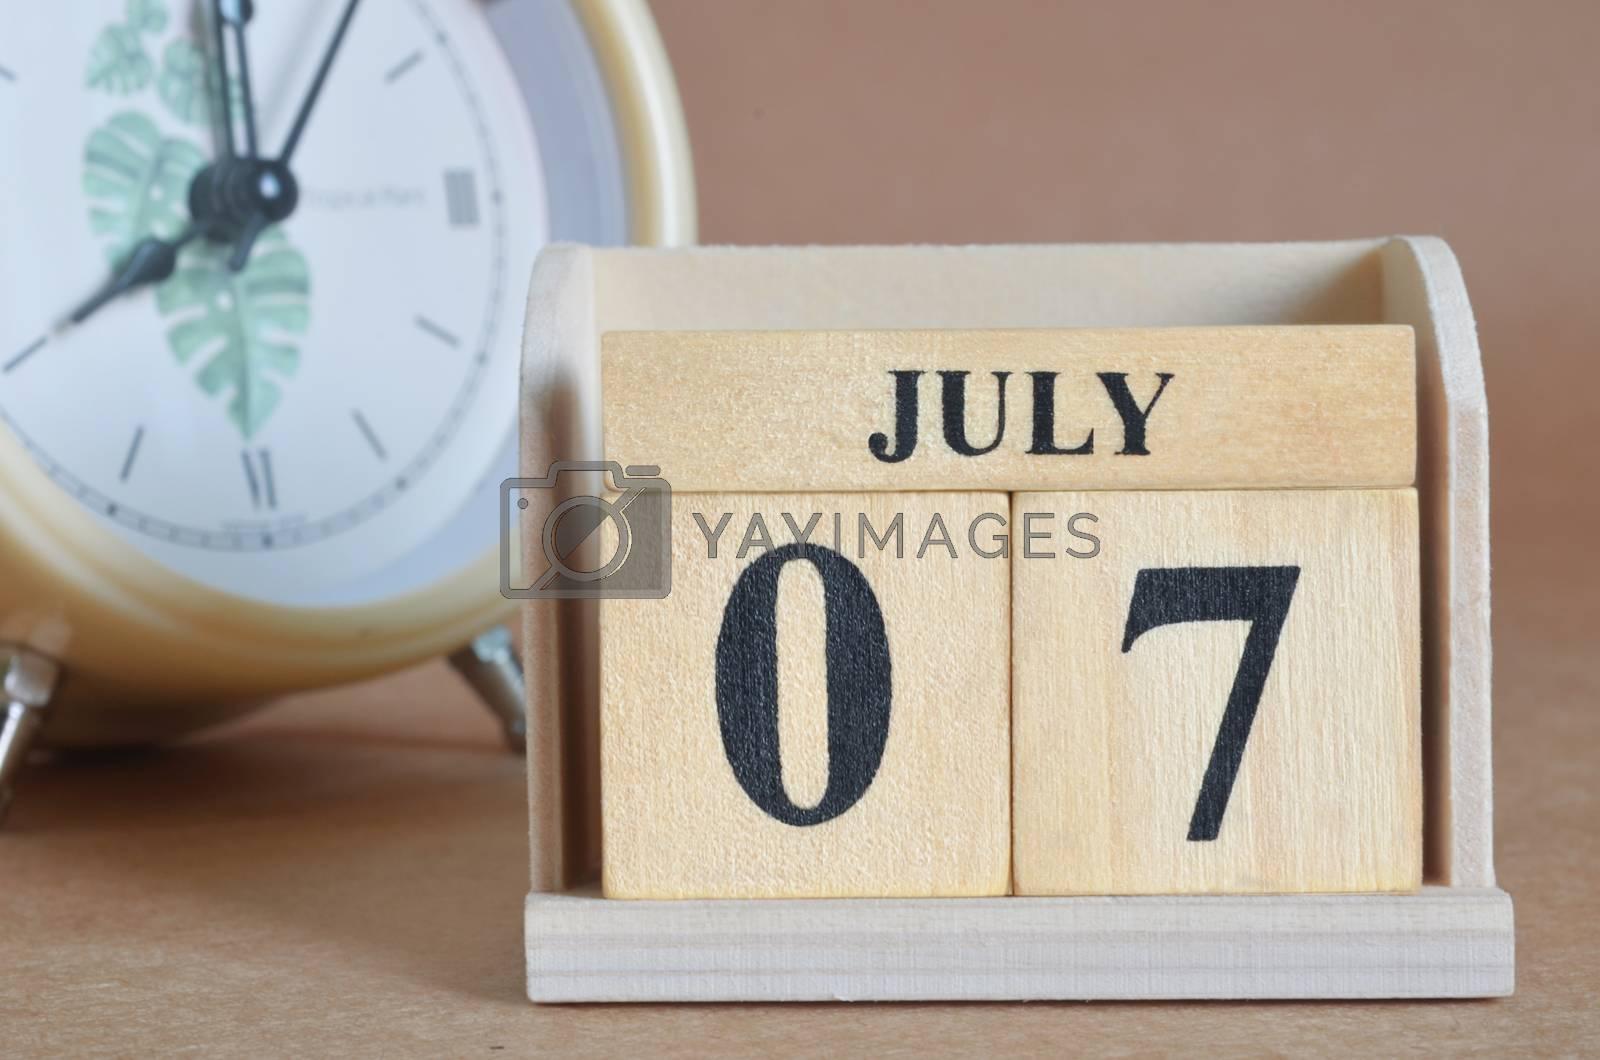 July 7 by Mrfrost